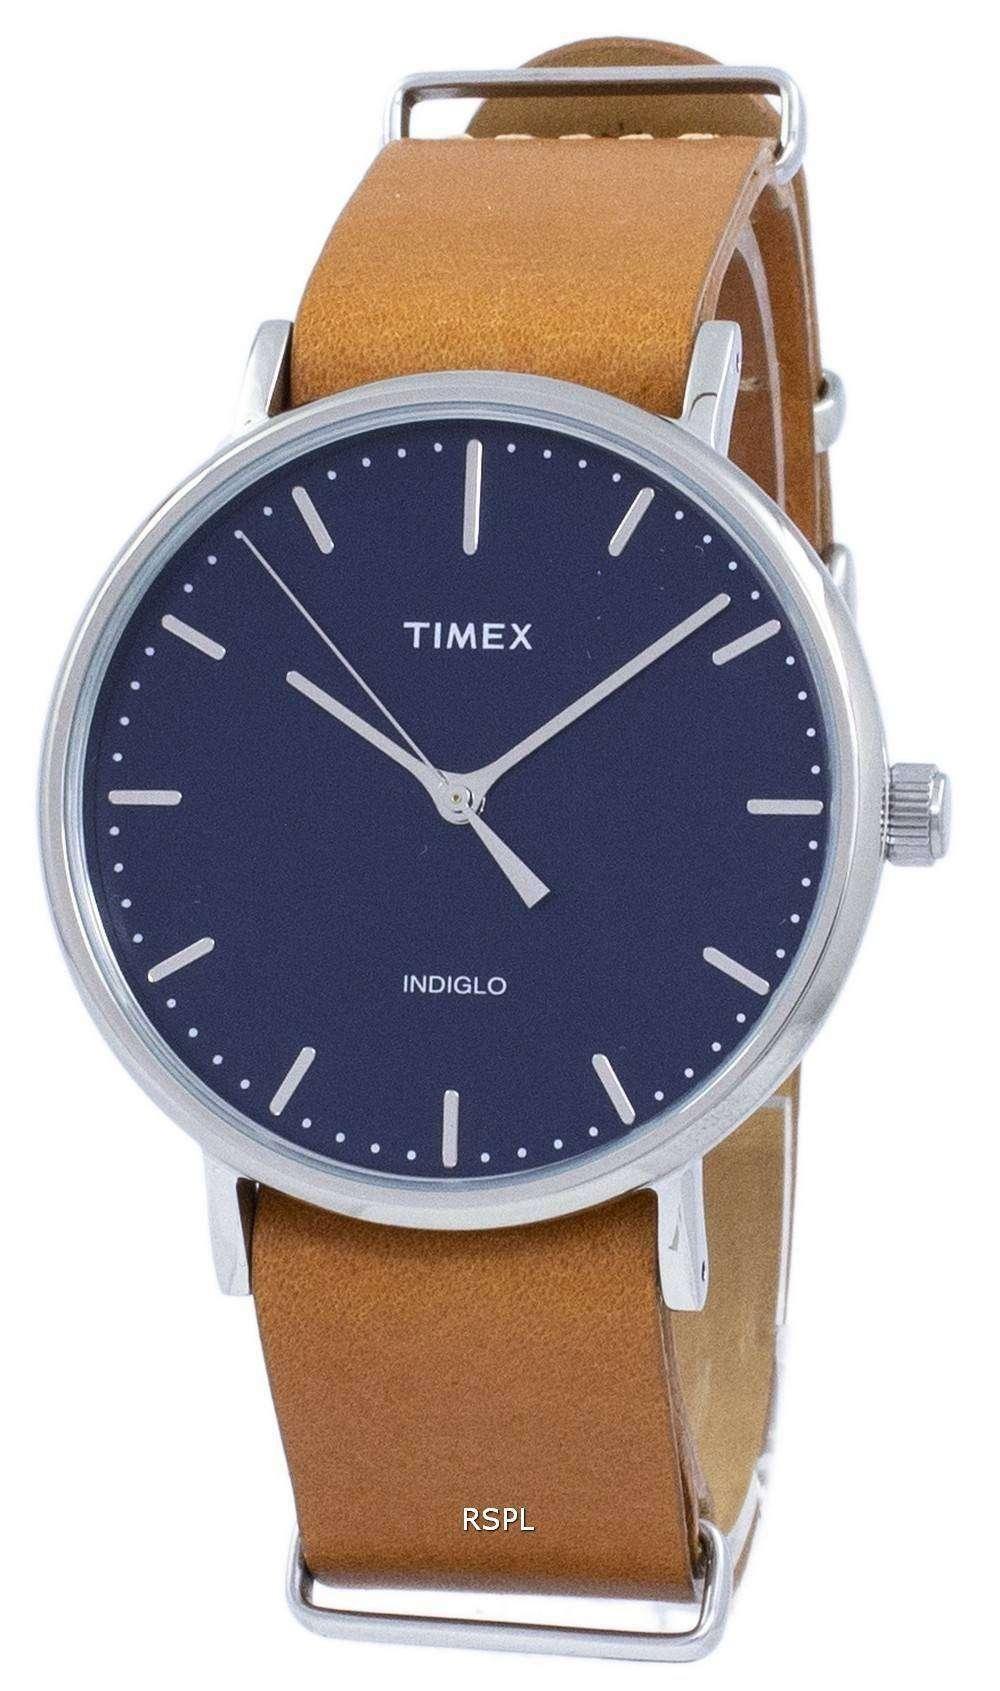 タイメックス ウィークエンダー フェア フィールド Indiglo 石英 TW2P97800 メンズ腕時計